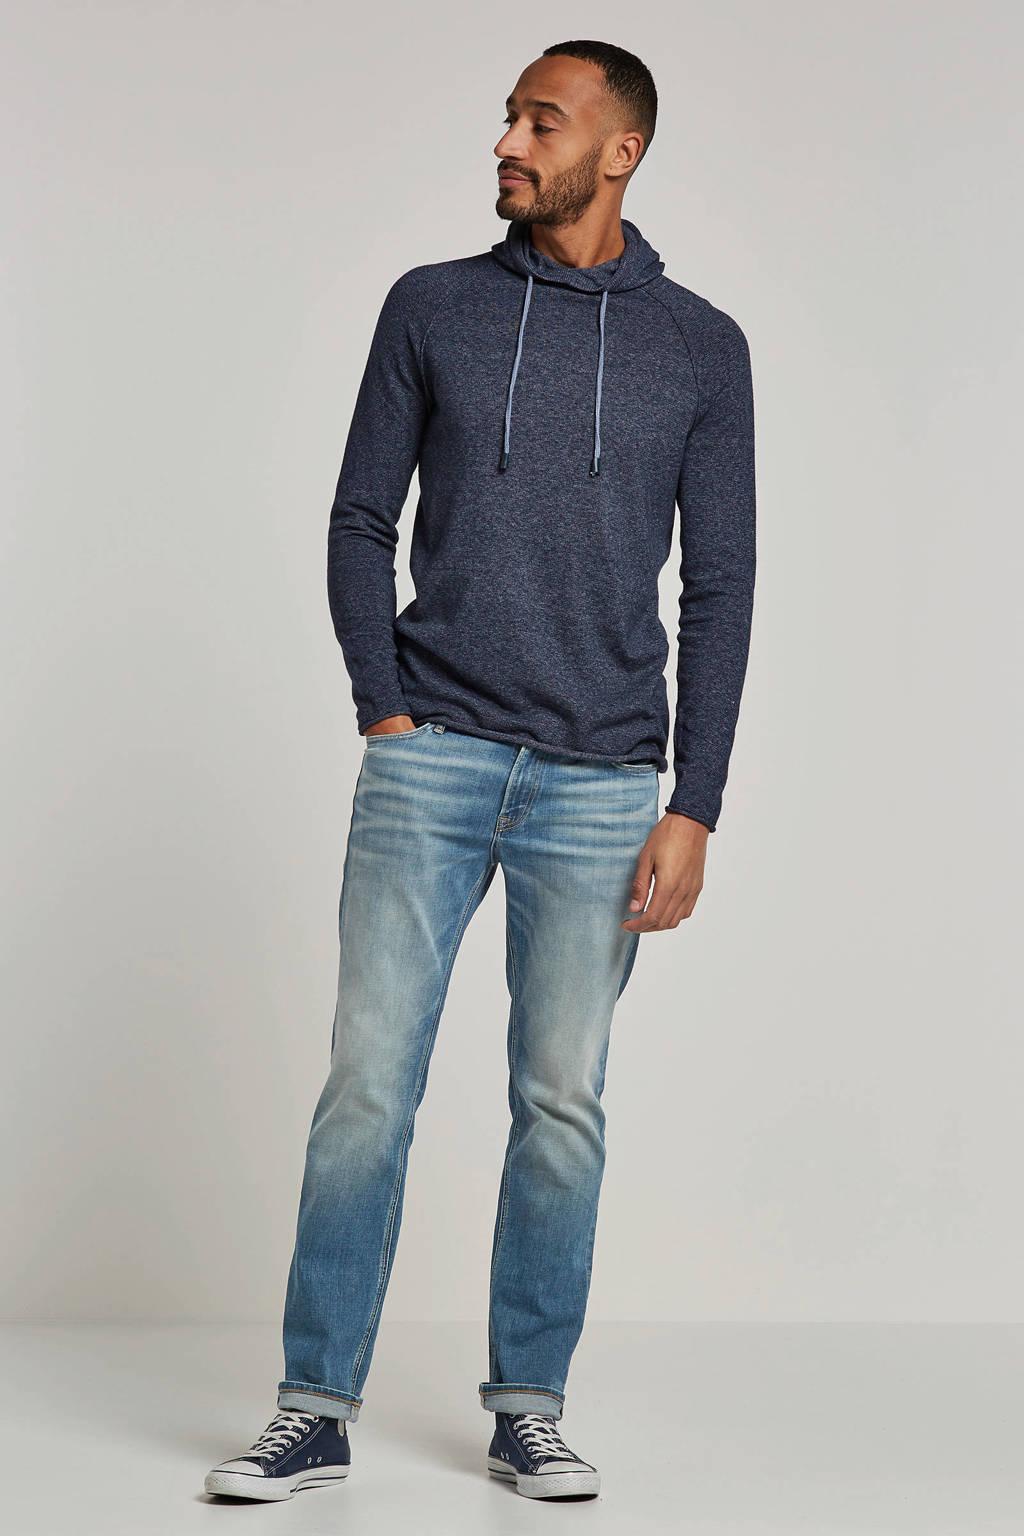 Only & Sons trui met capuchon, Grijsblauw